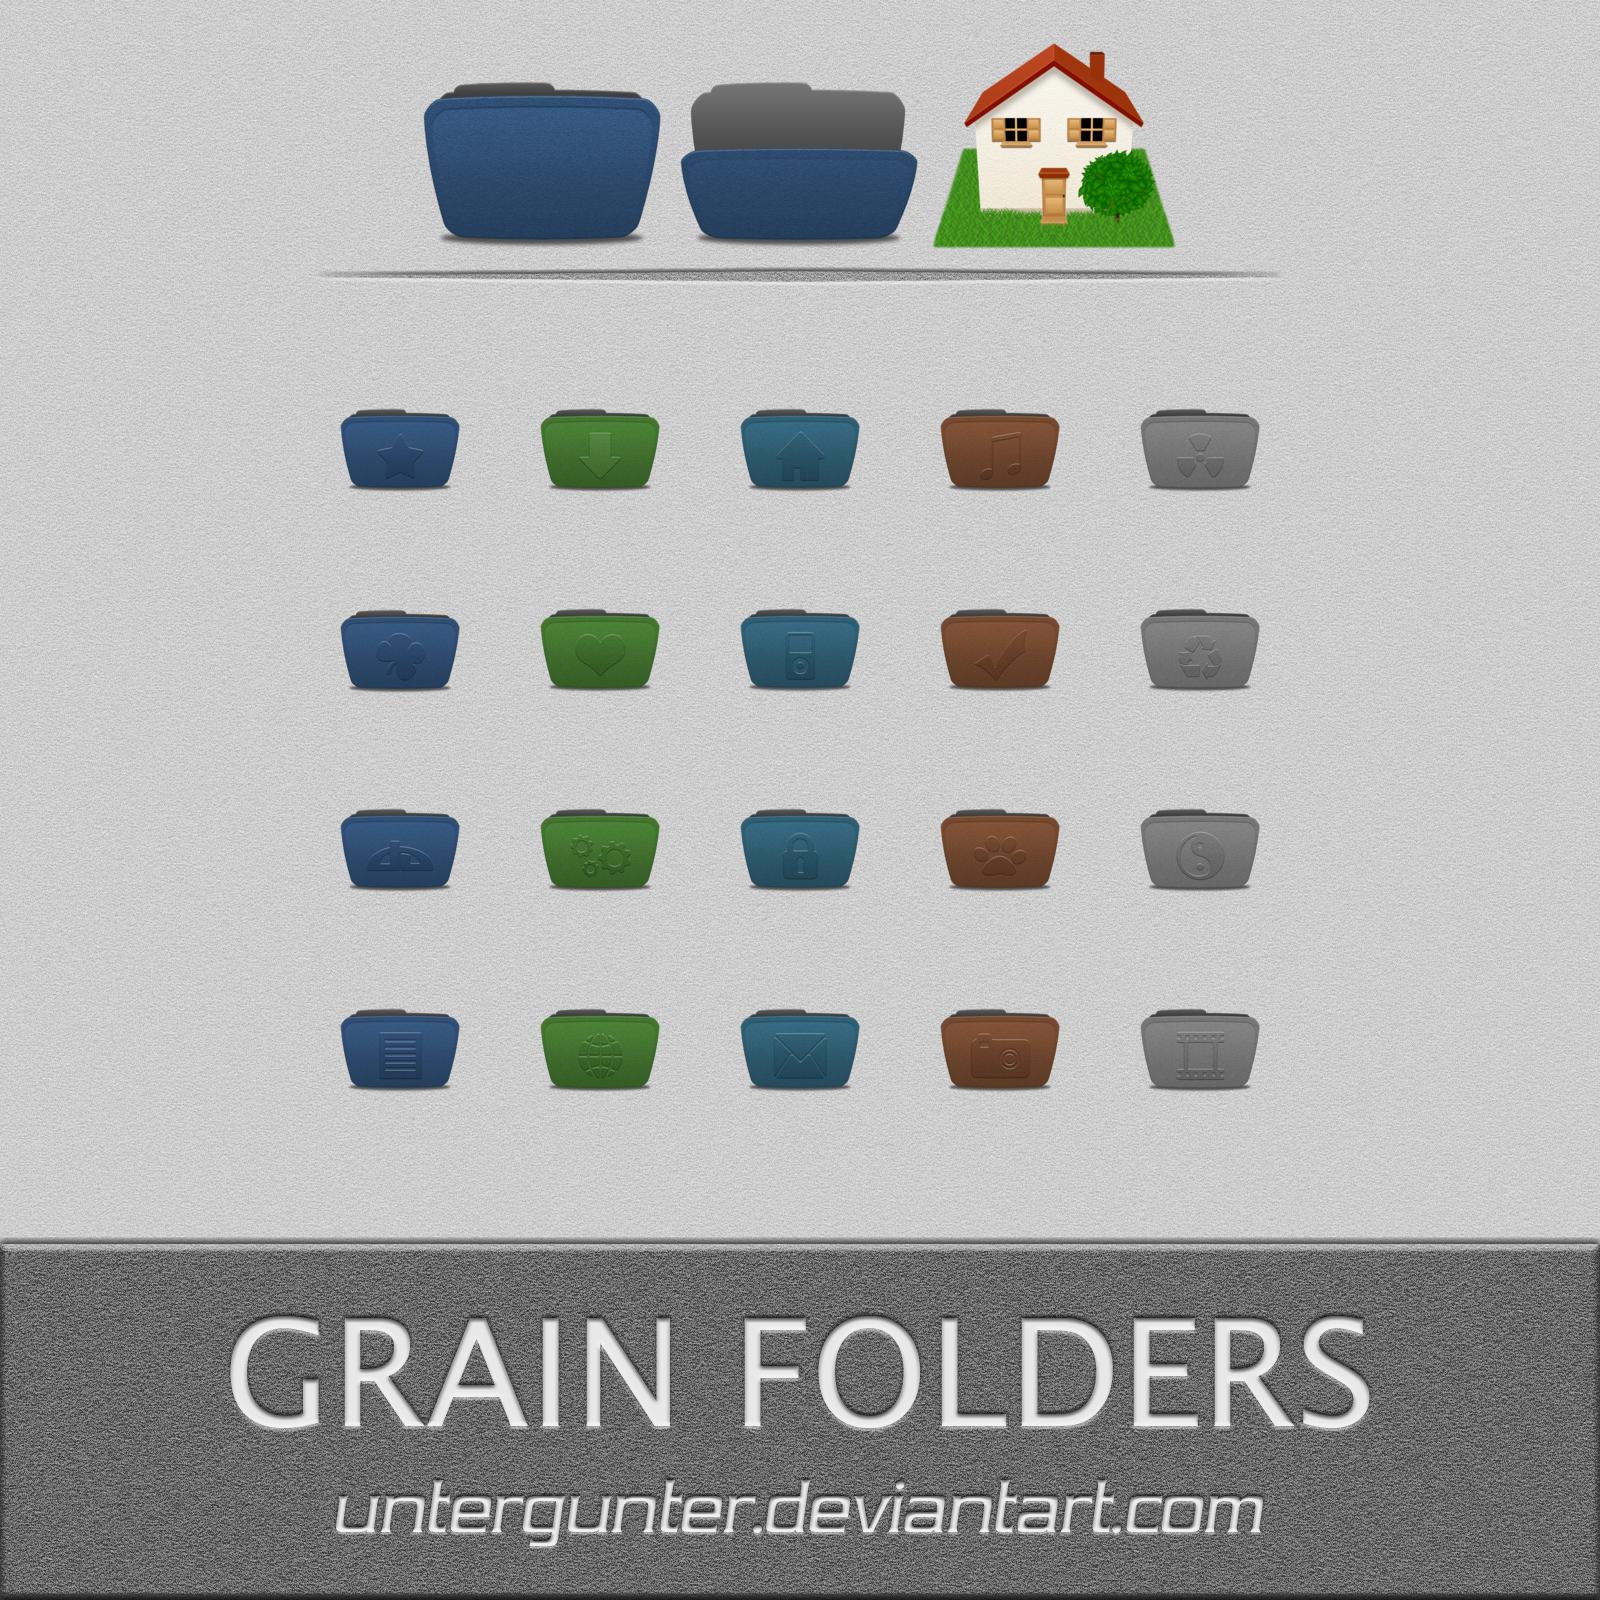 Grain Folders by Untergunter